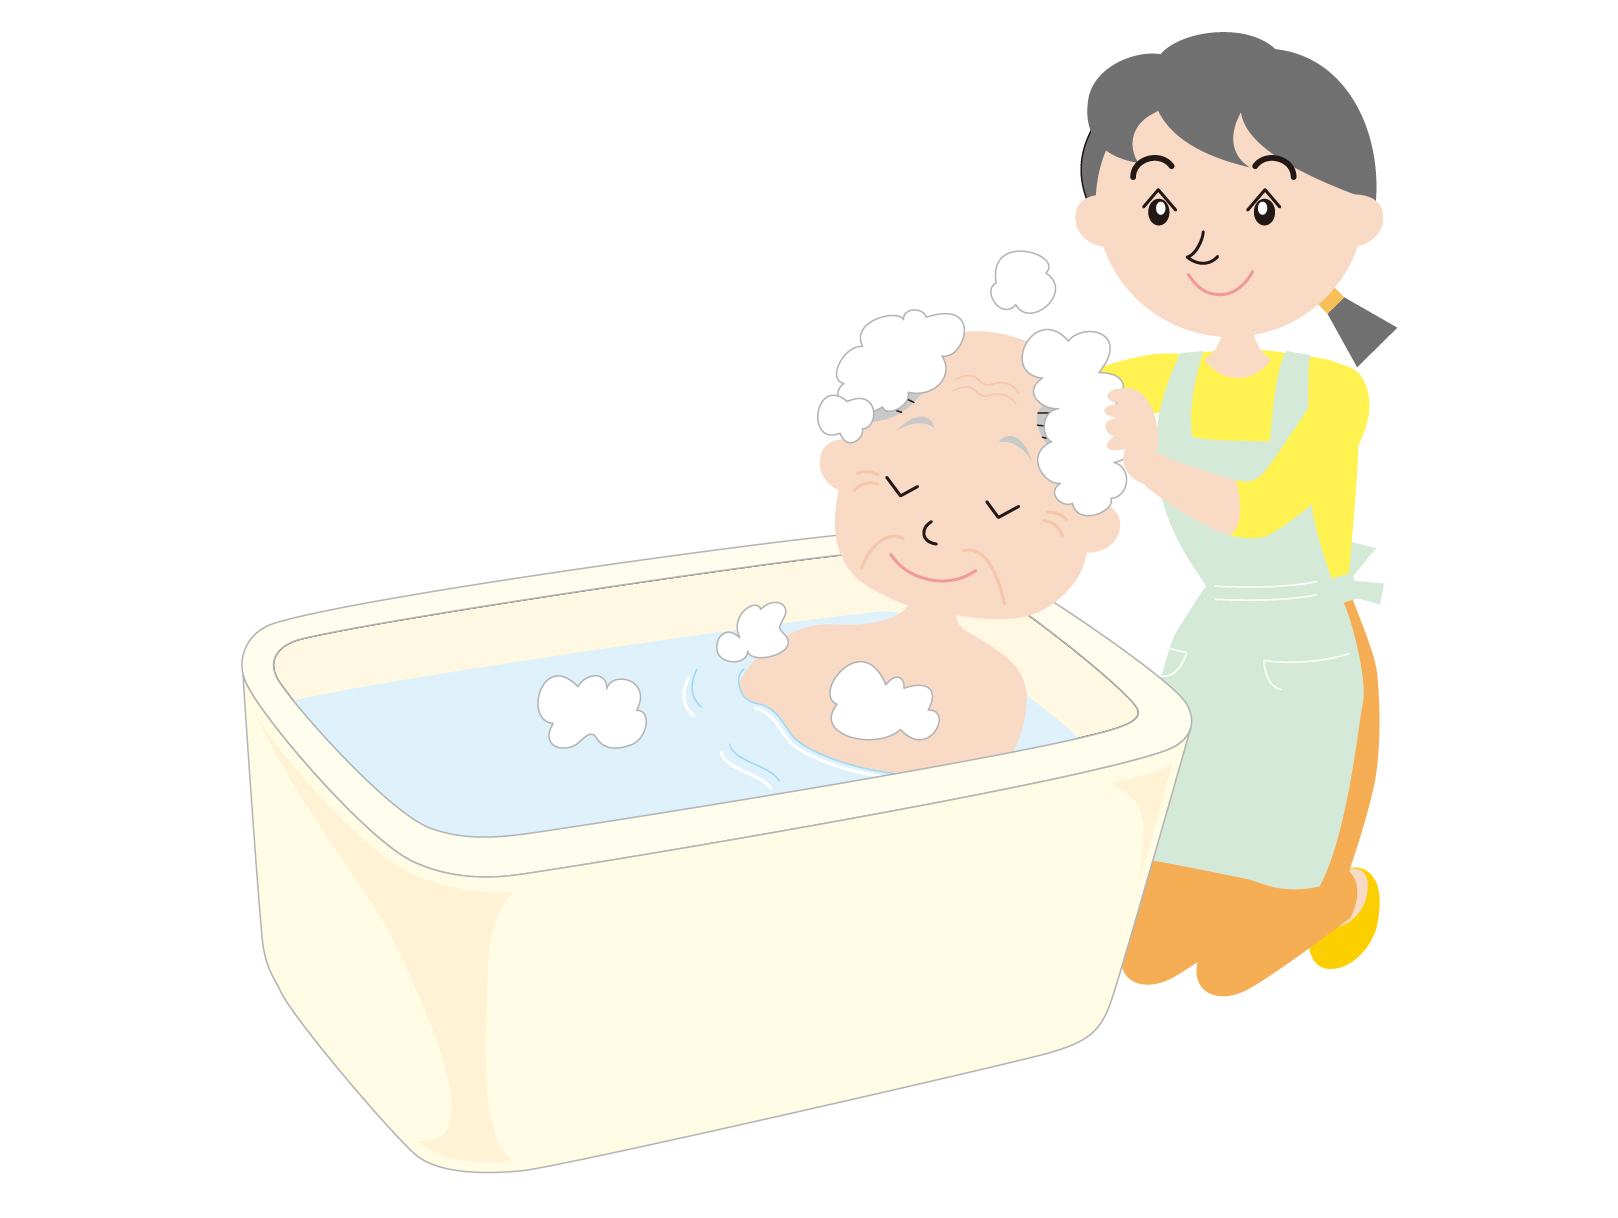 [認知症介護]入浴拒否のおばあちゃんに入浴してもらう方法